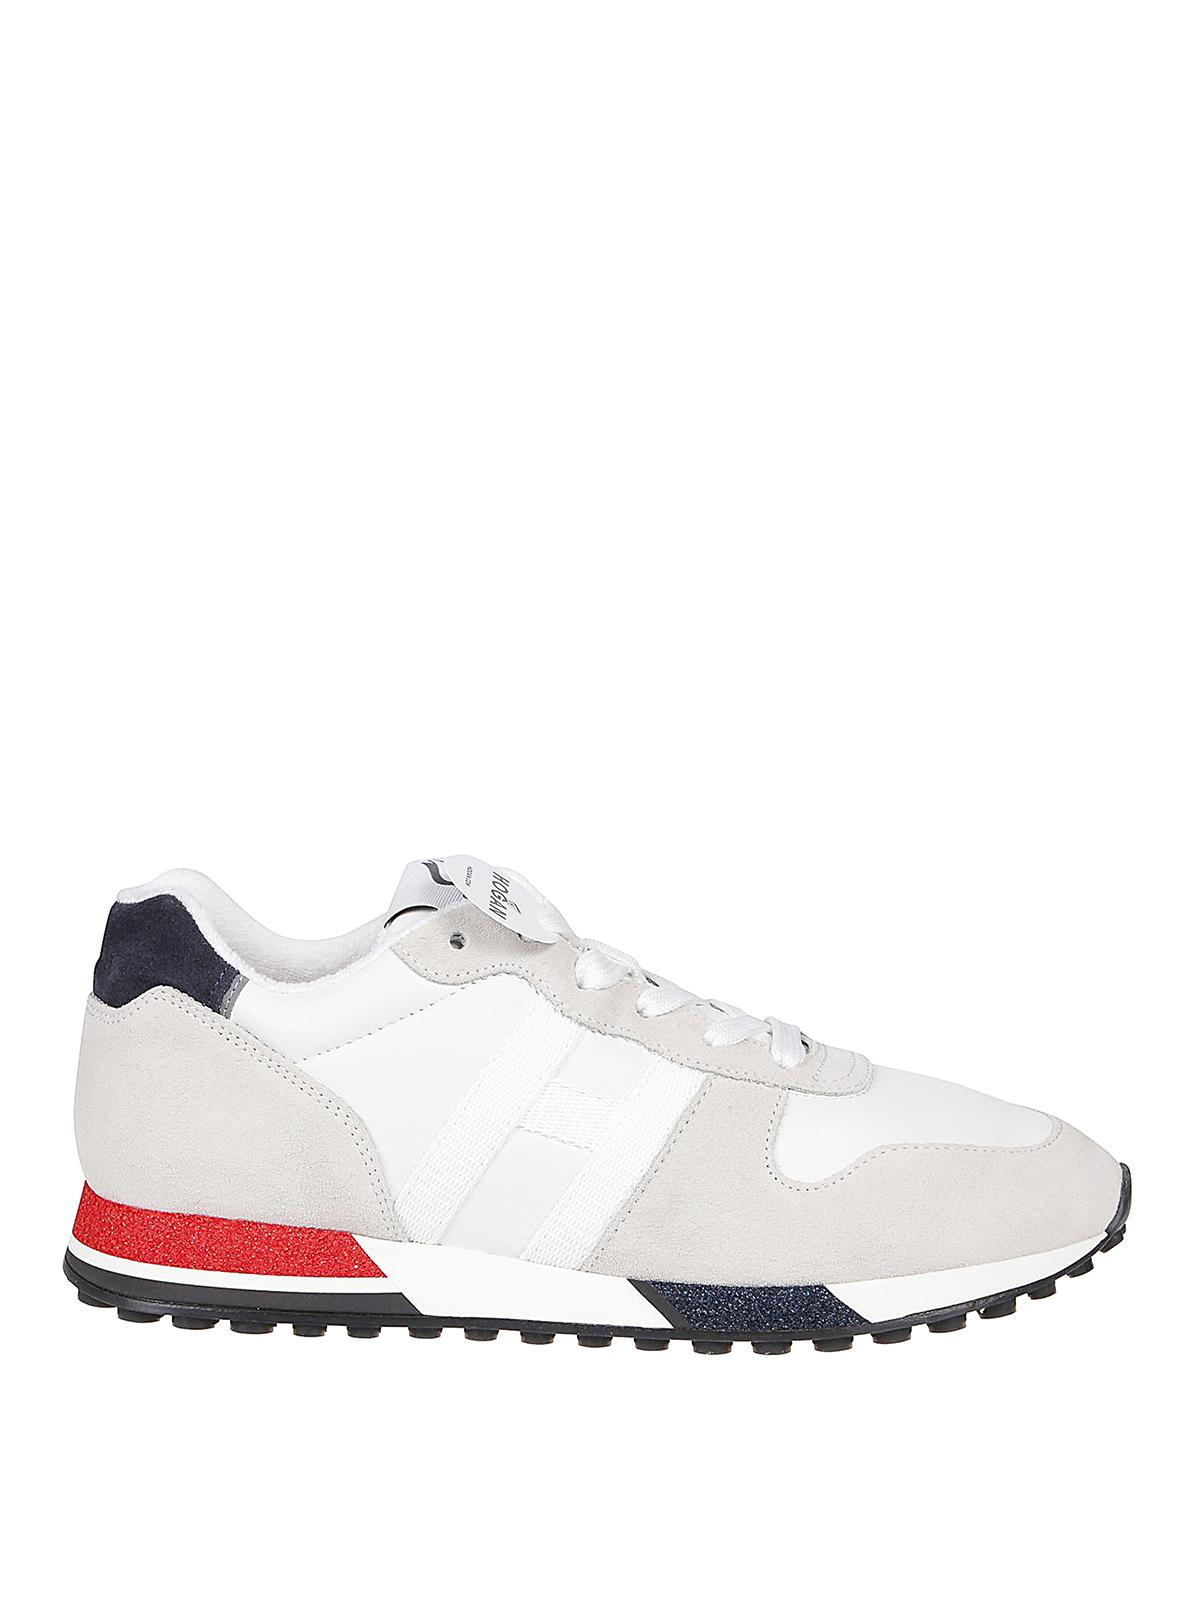 Hogan - H383 Retro Running white sneakers - trainers ...